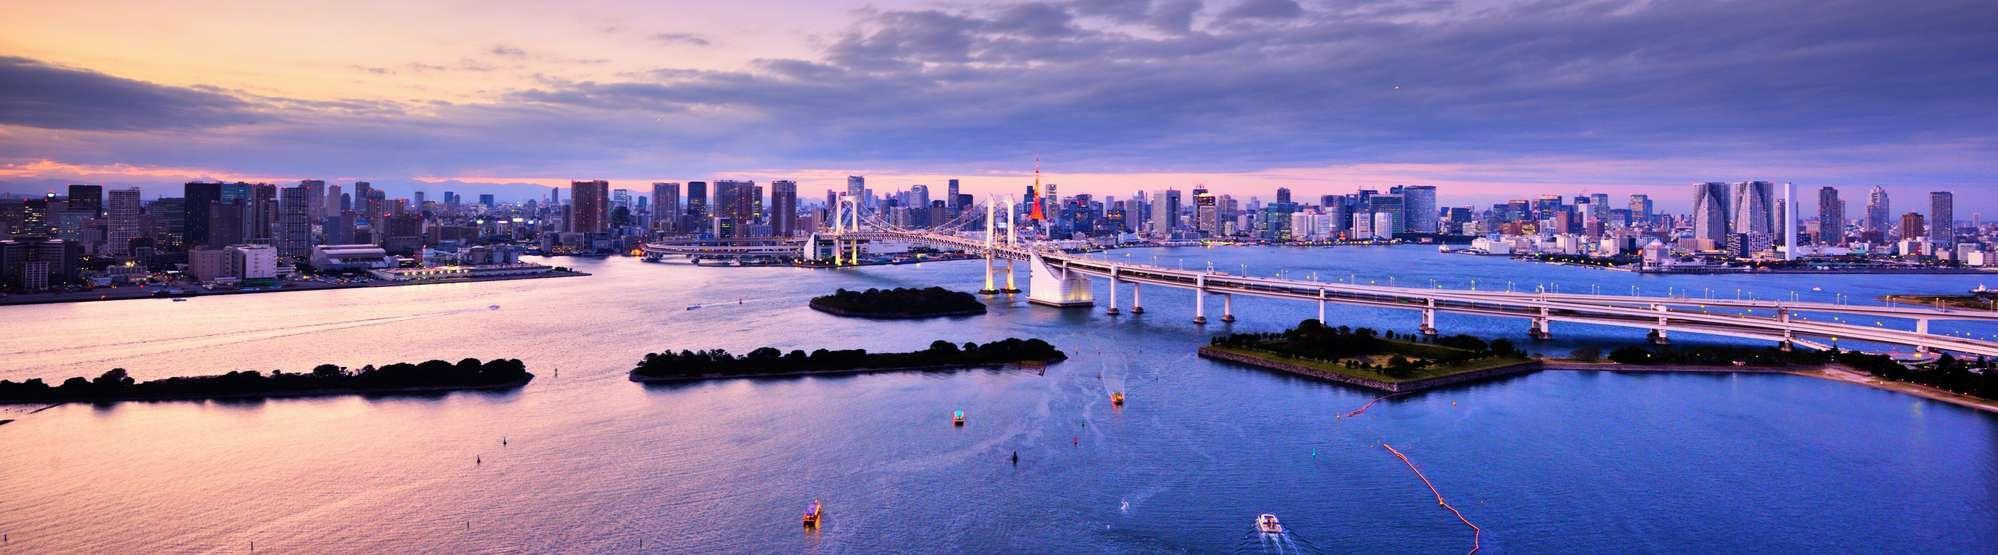 Tokyo Bay, Honshu, Japan, en af verdens største øer